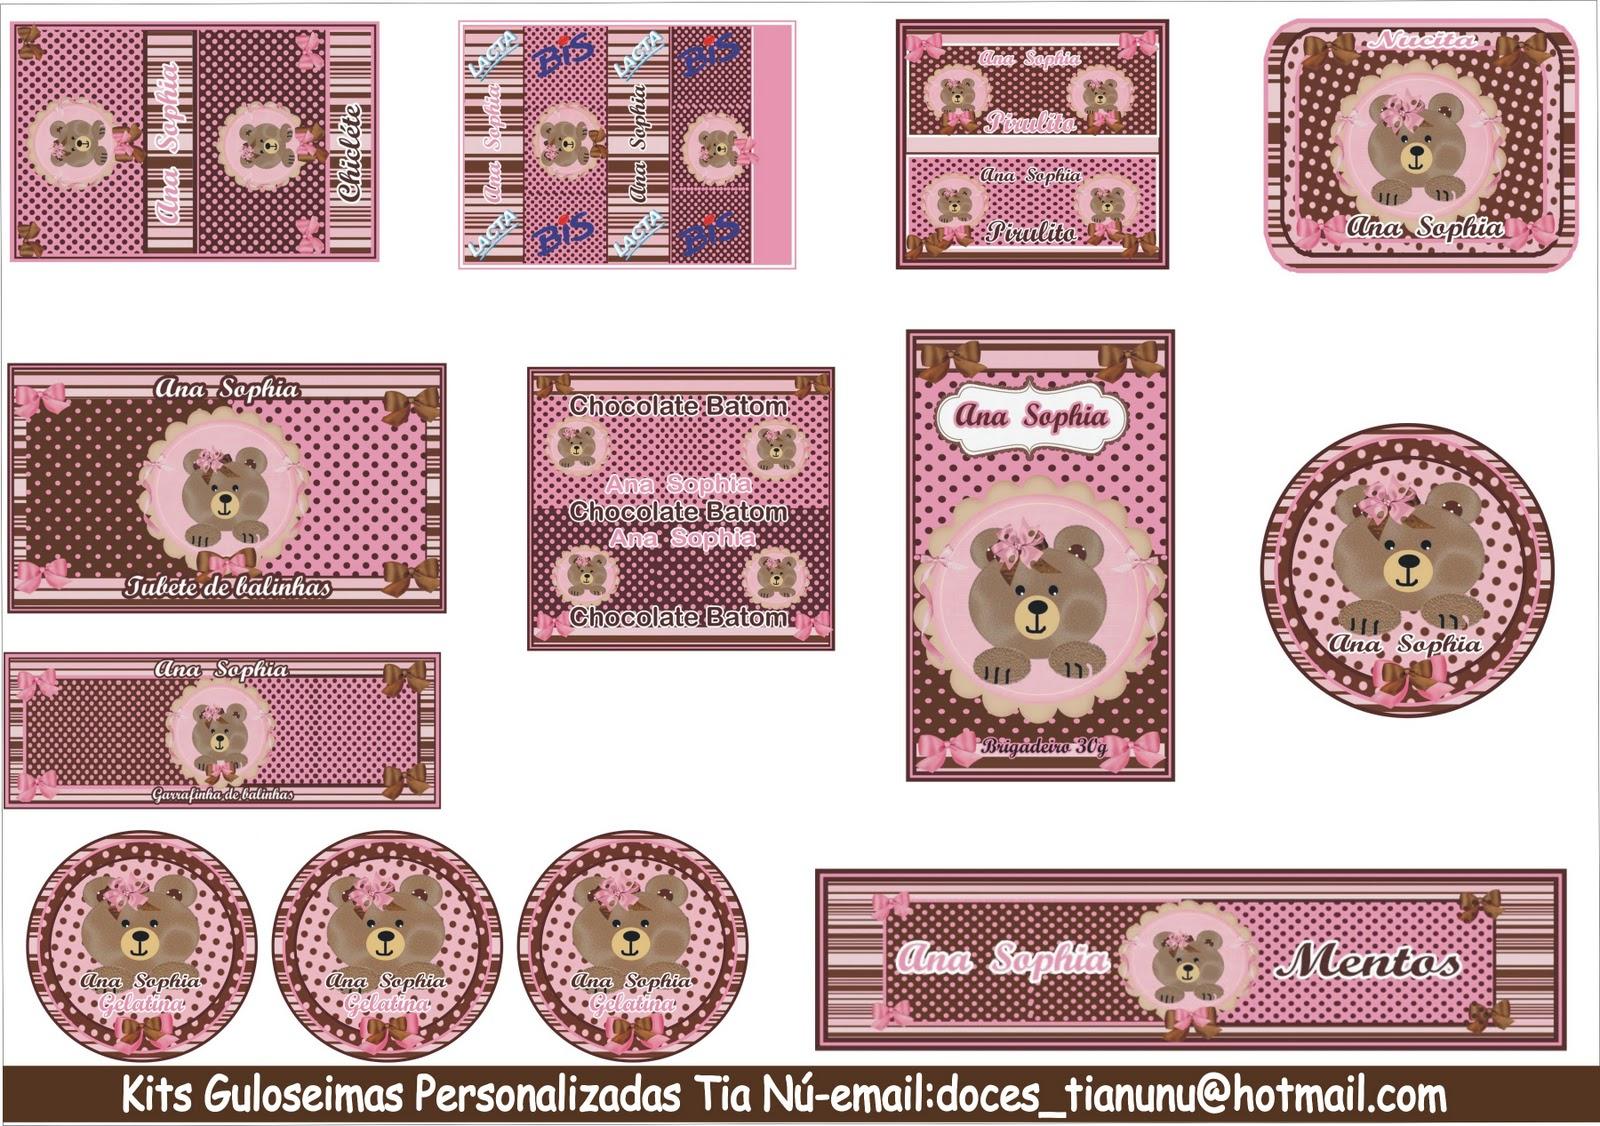 Kit Guloseimas Personalizados Ursinha marrom e rosa